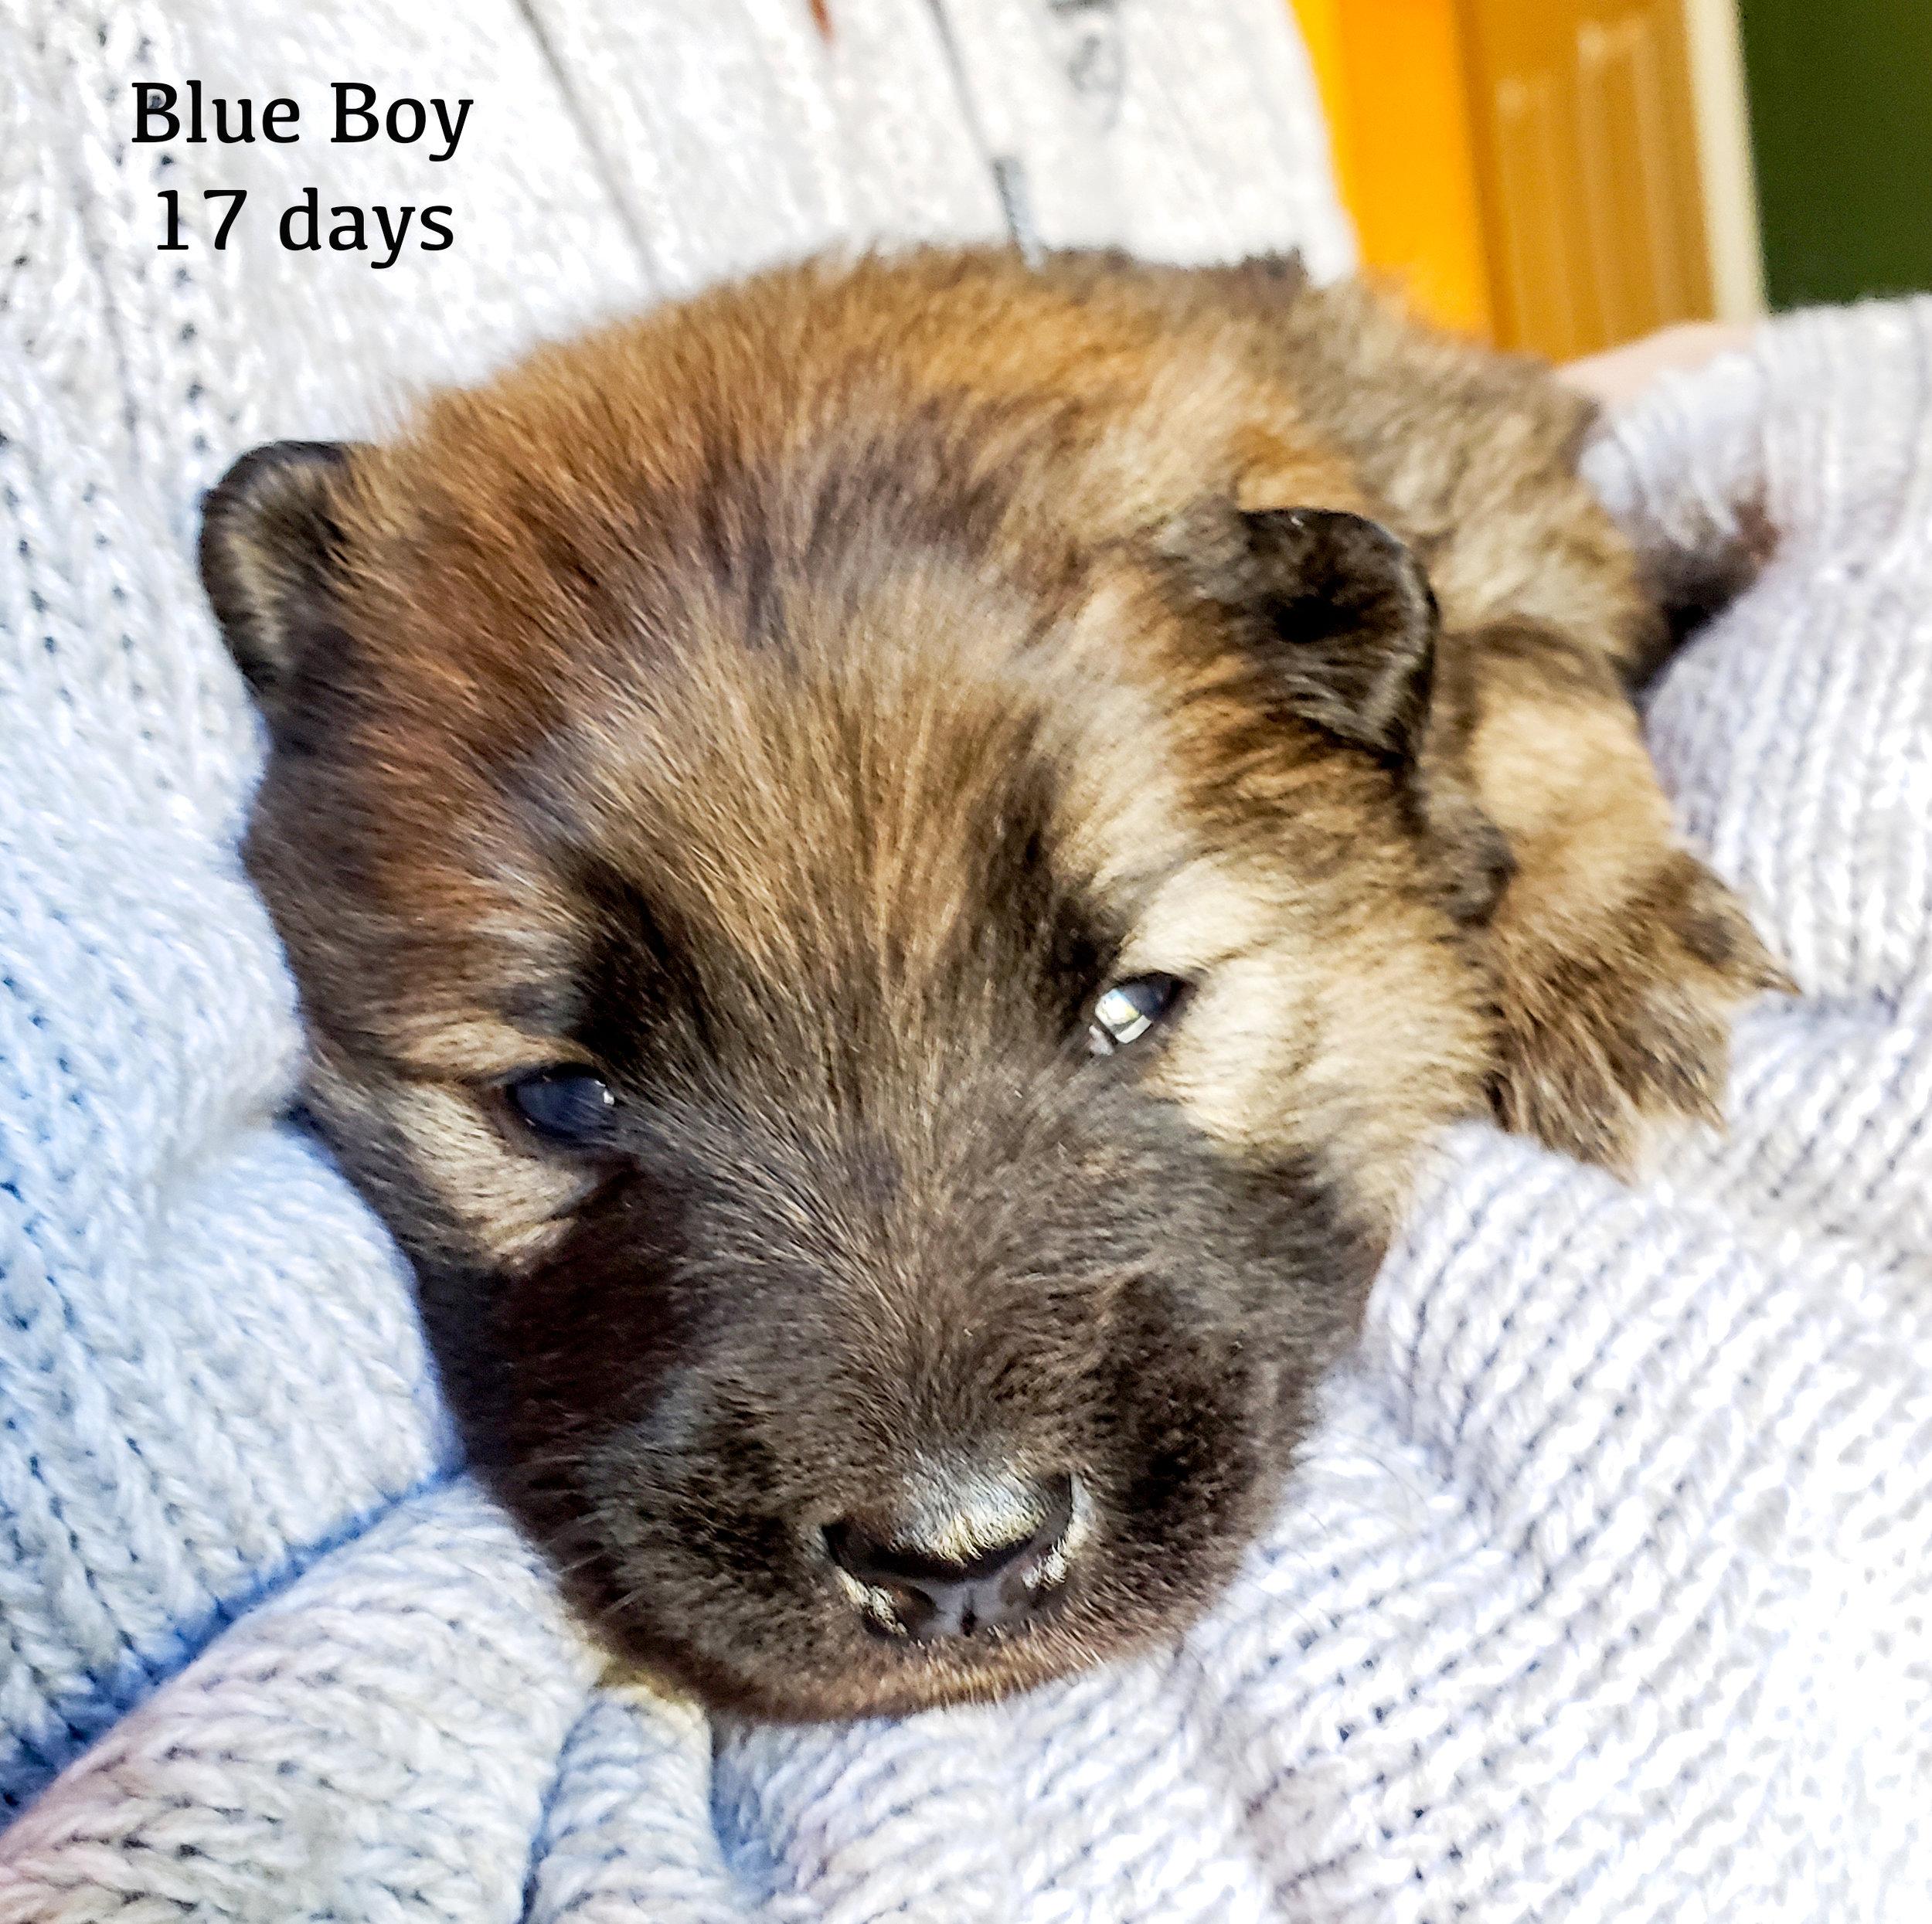 blue1 copya.jpg